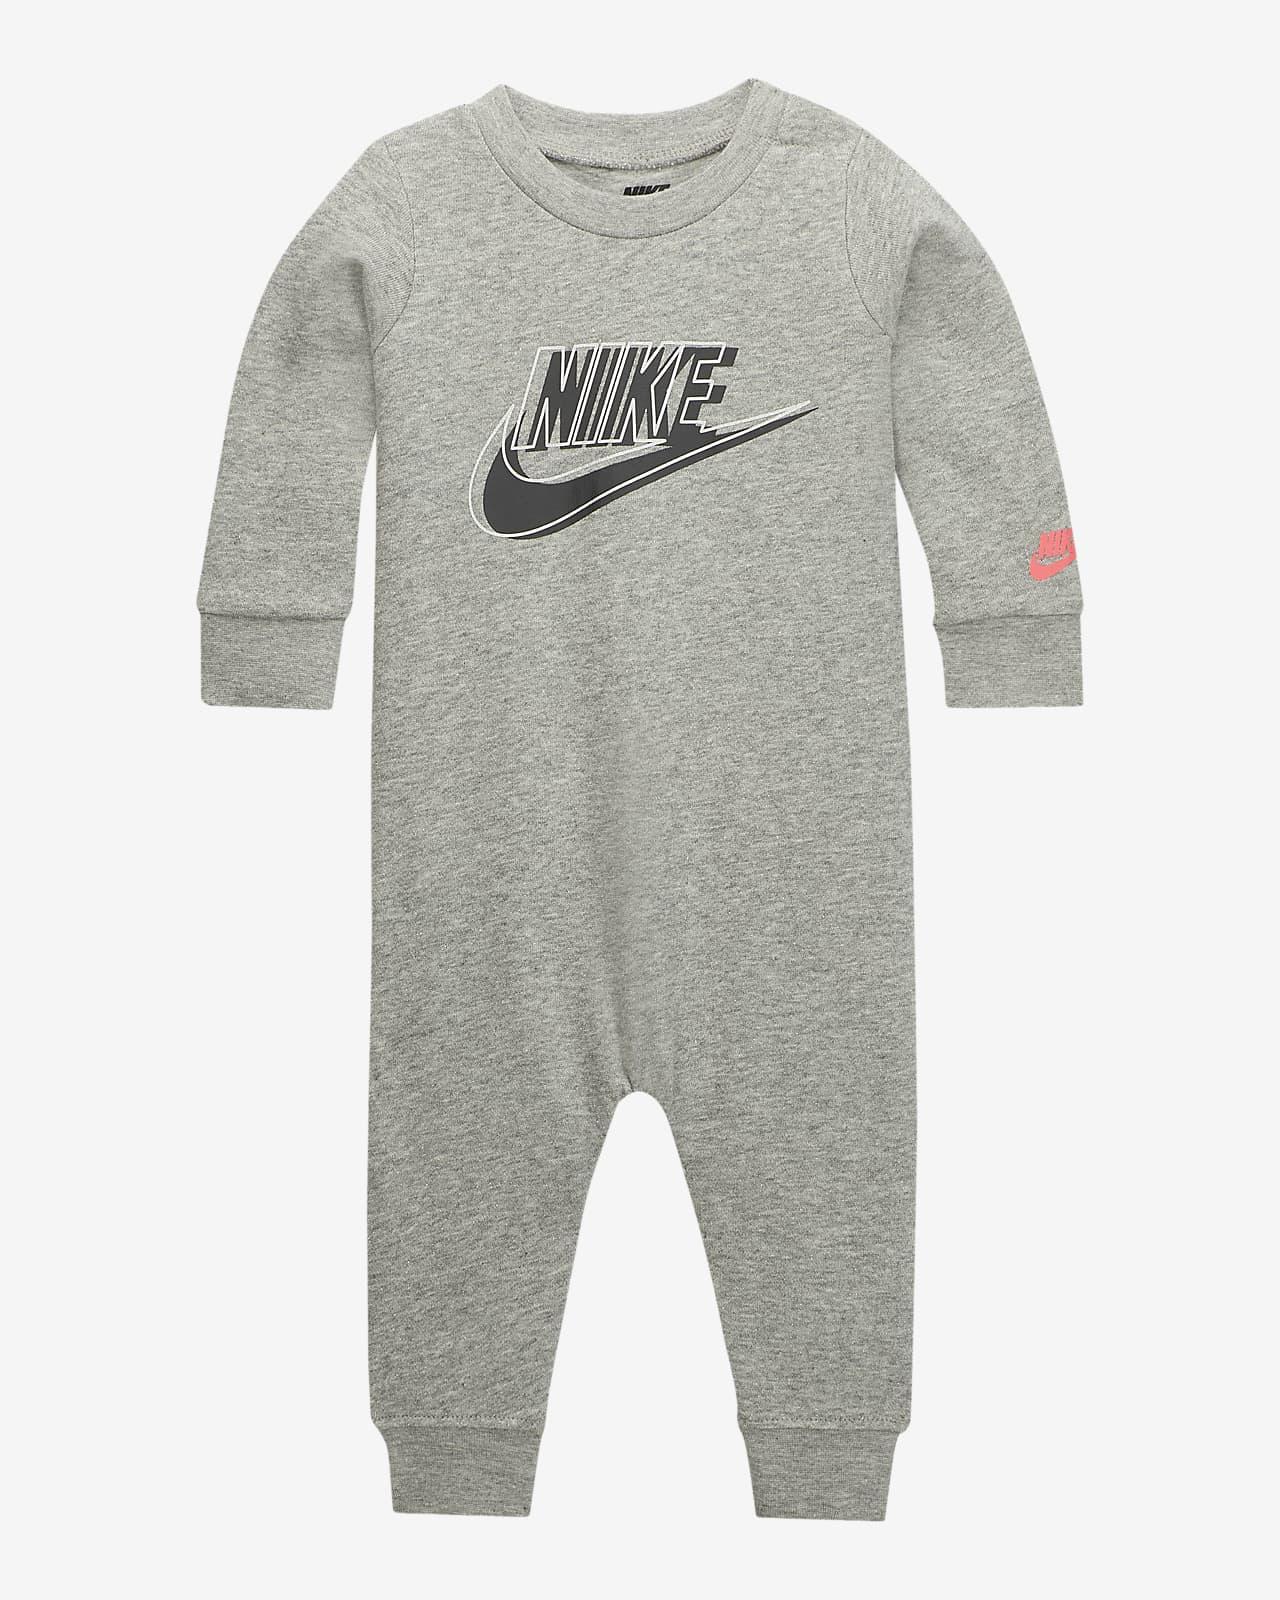 Ολόσωμη φόρμα από ύφασμα French Terry Nike για βρέφη